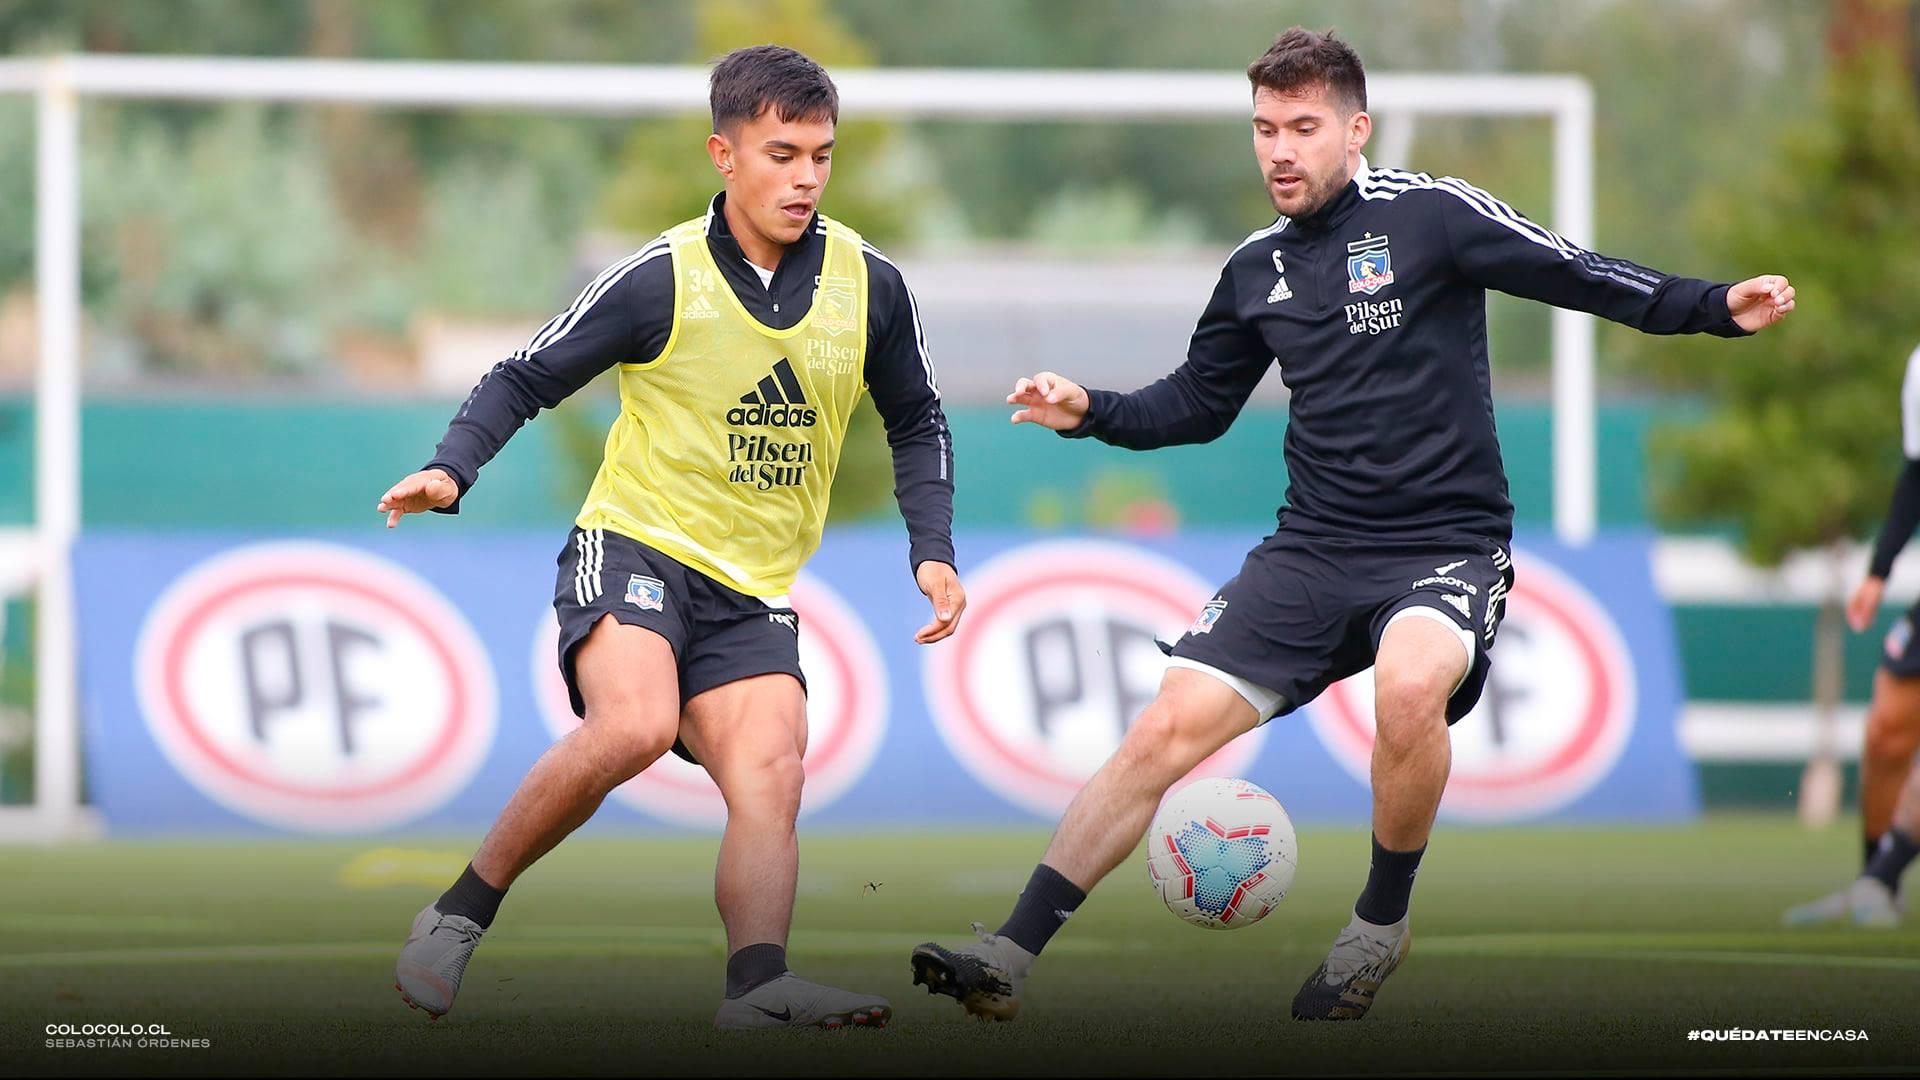 Colo Colo: Vicente Pizarro y Bryan Soto piden cancha para reemplazar a  César Fuentes | Dale Albo